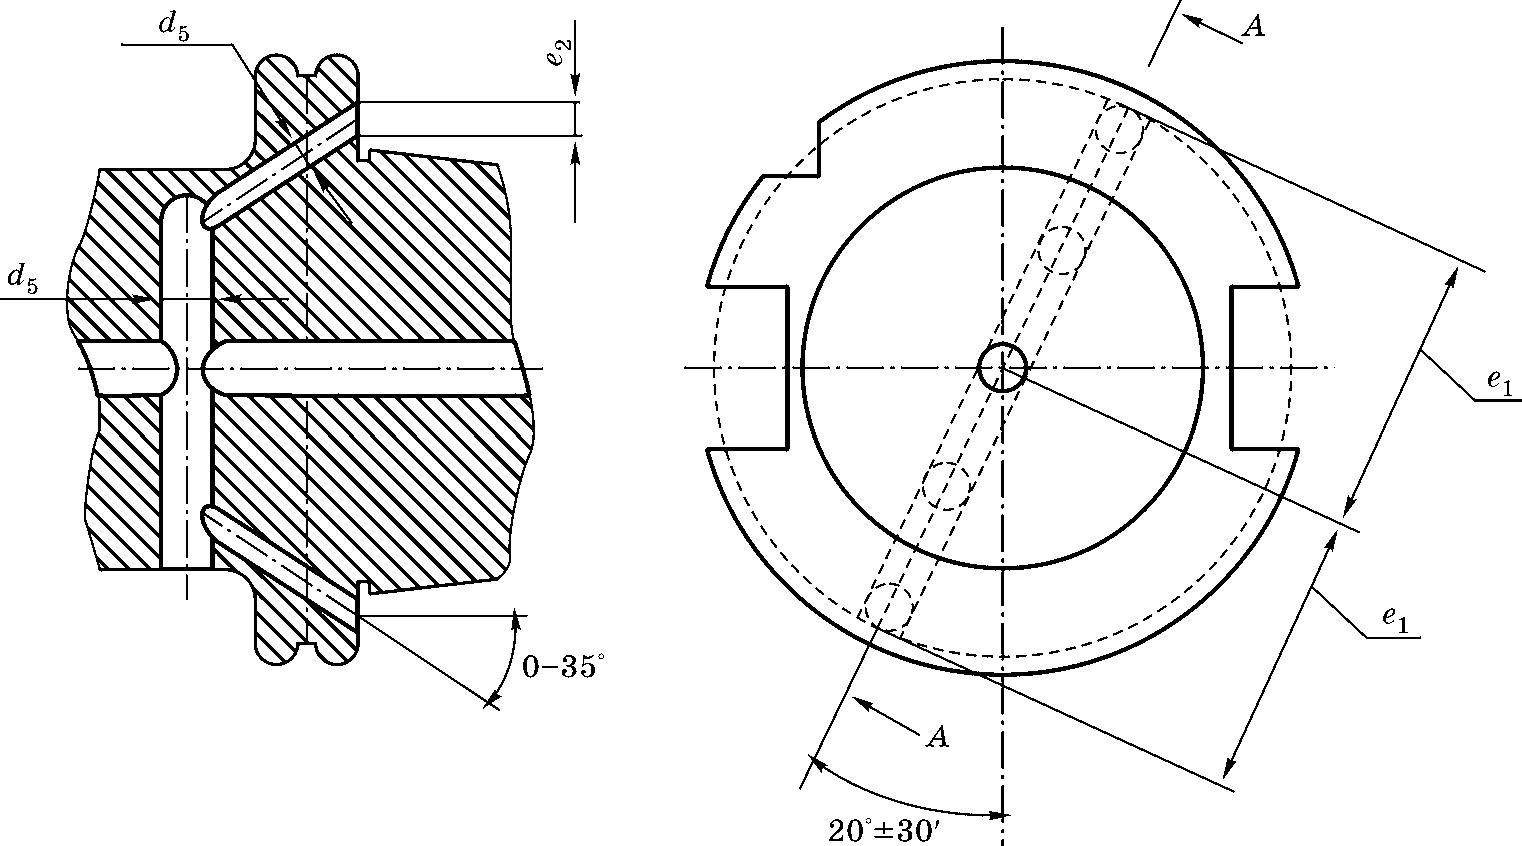 Конический хвостовик по DIN 69871 ADB для станков с подачей СОЖ через фланец или сквозное отверстие в хвостовике